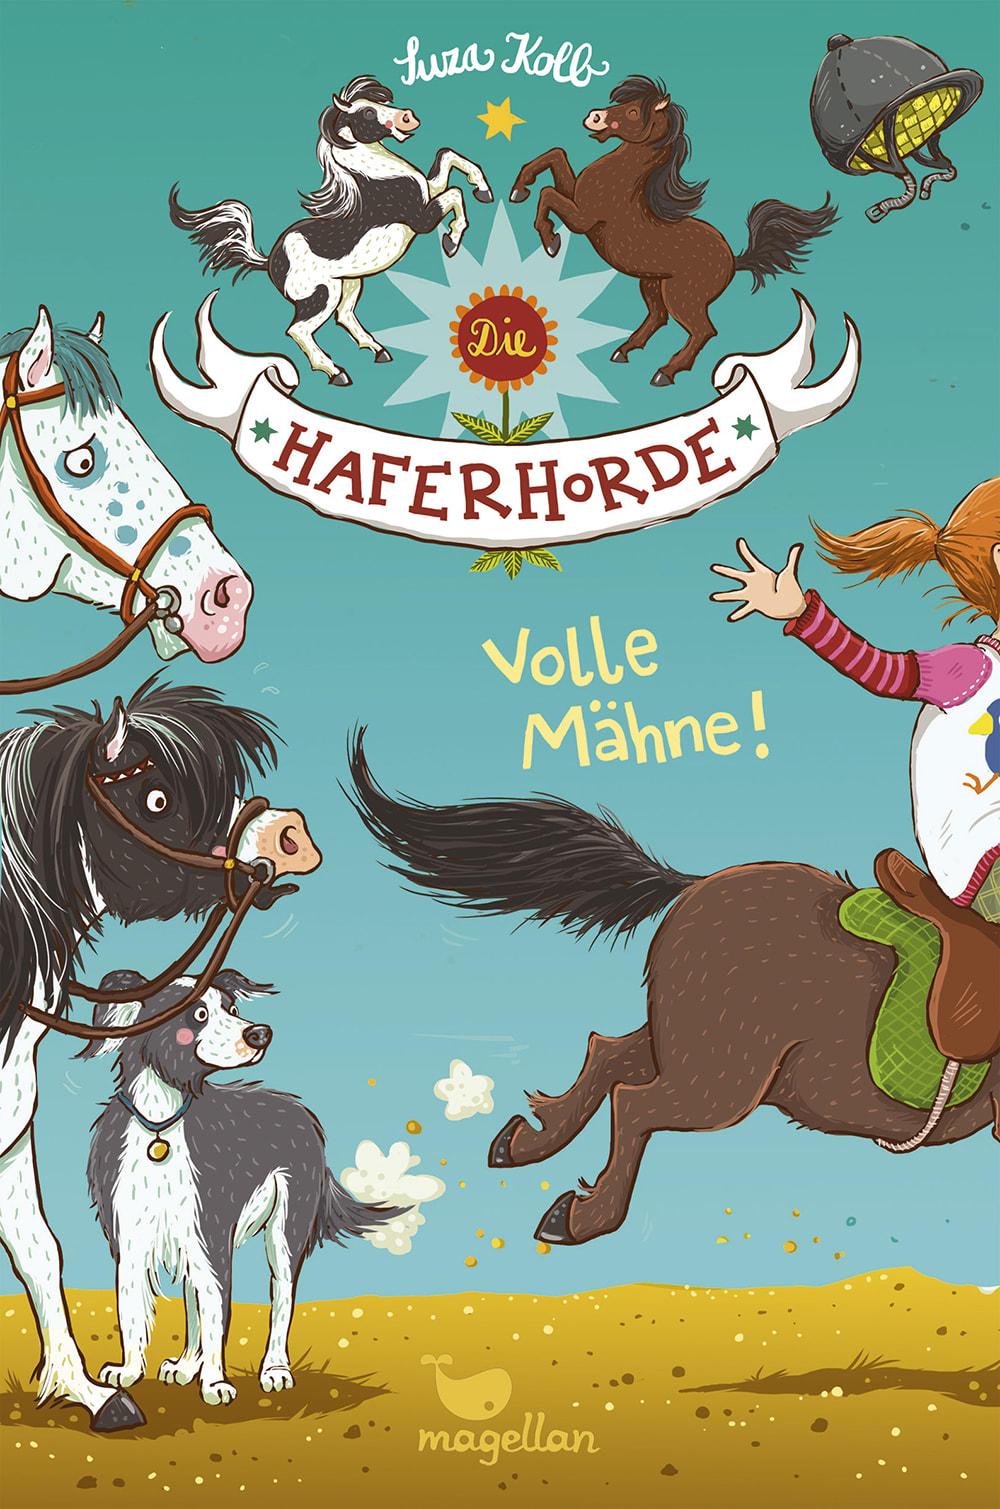 Die Haferhorde - Volle Mähne!